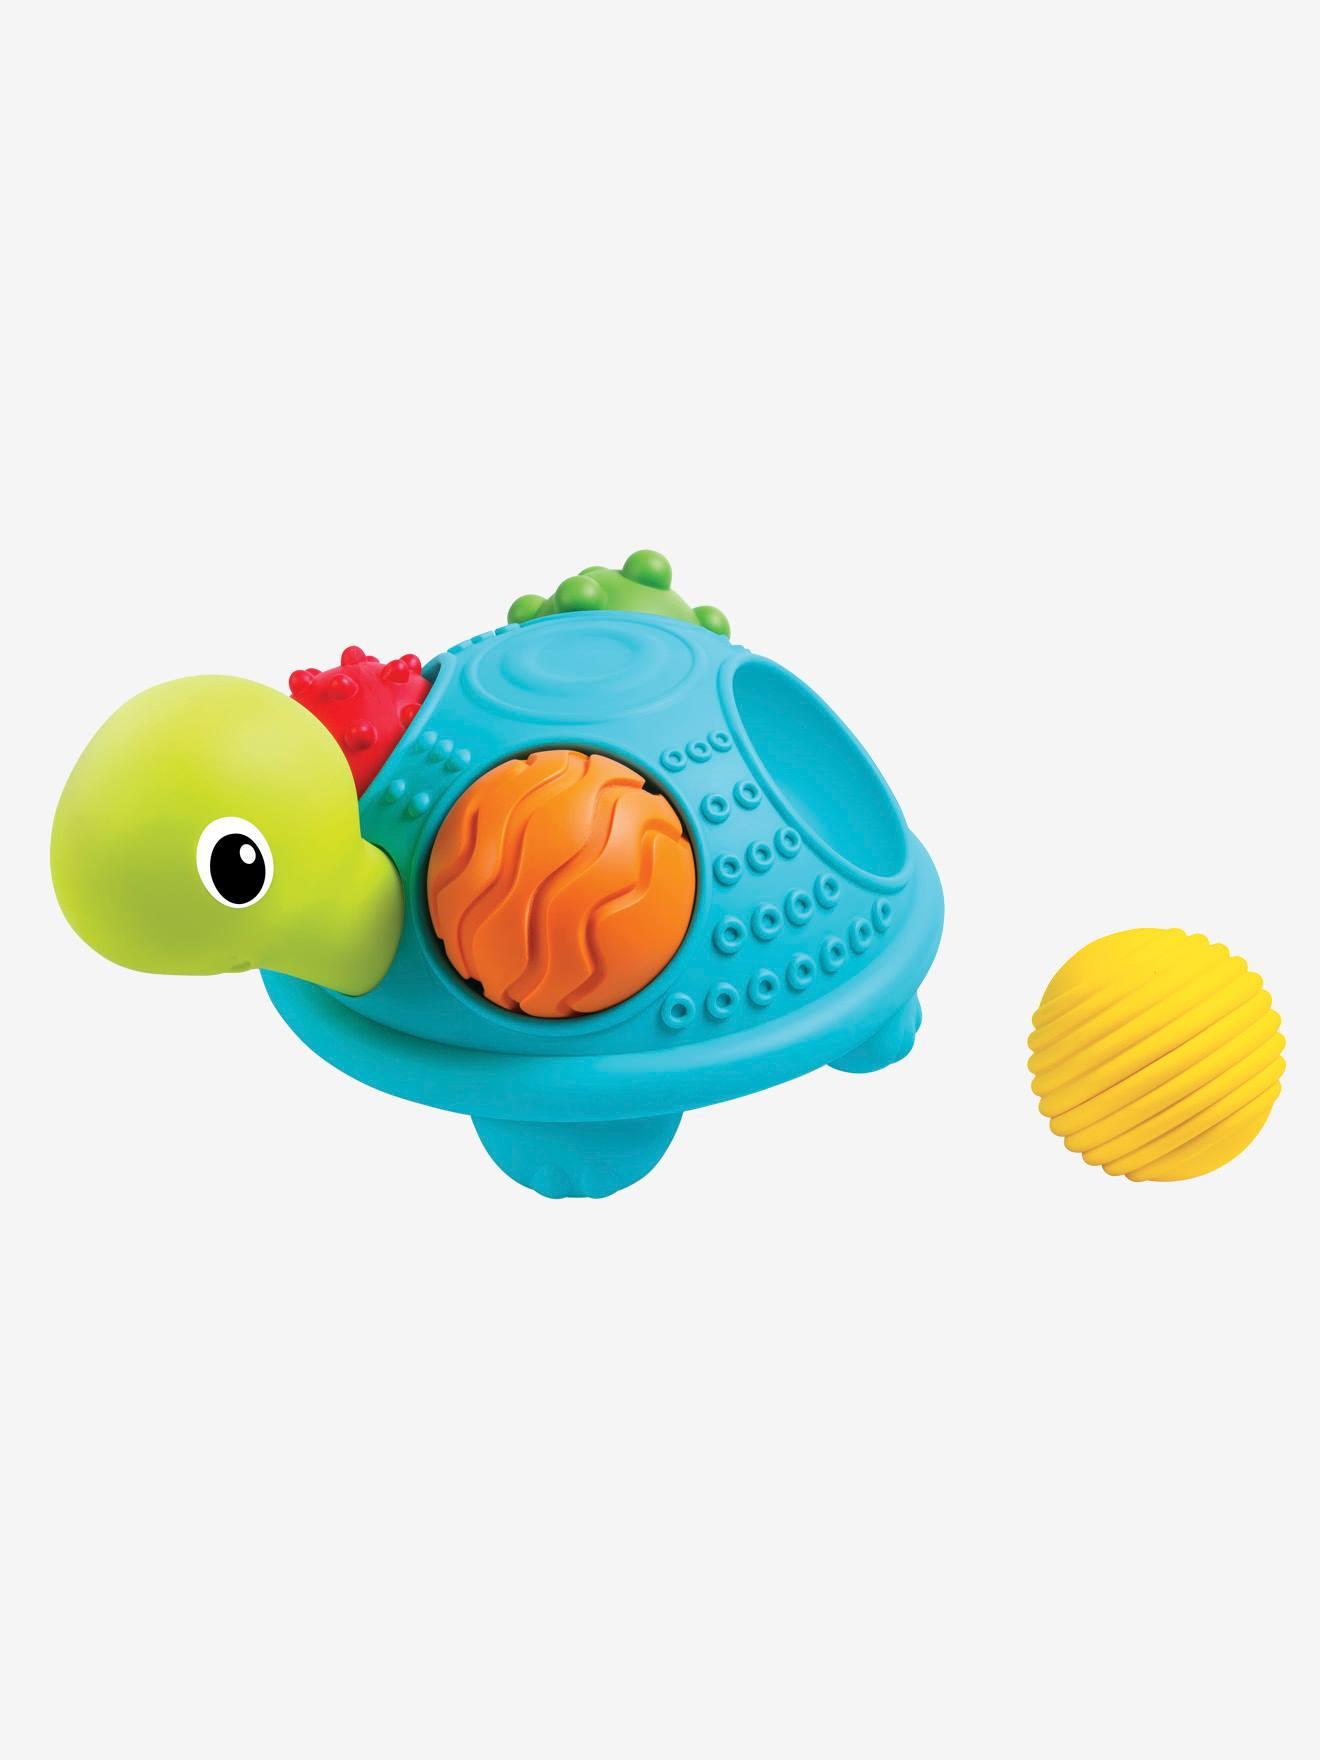 Tartaruga com bolas sensoriais, Bluebox Brinquedos VB | vertbaudet.pt